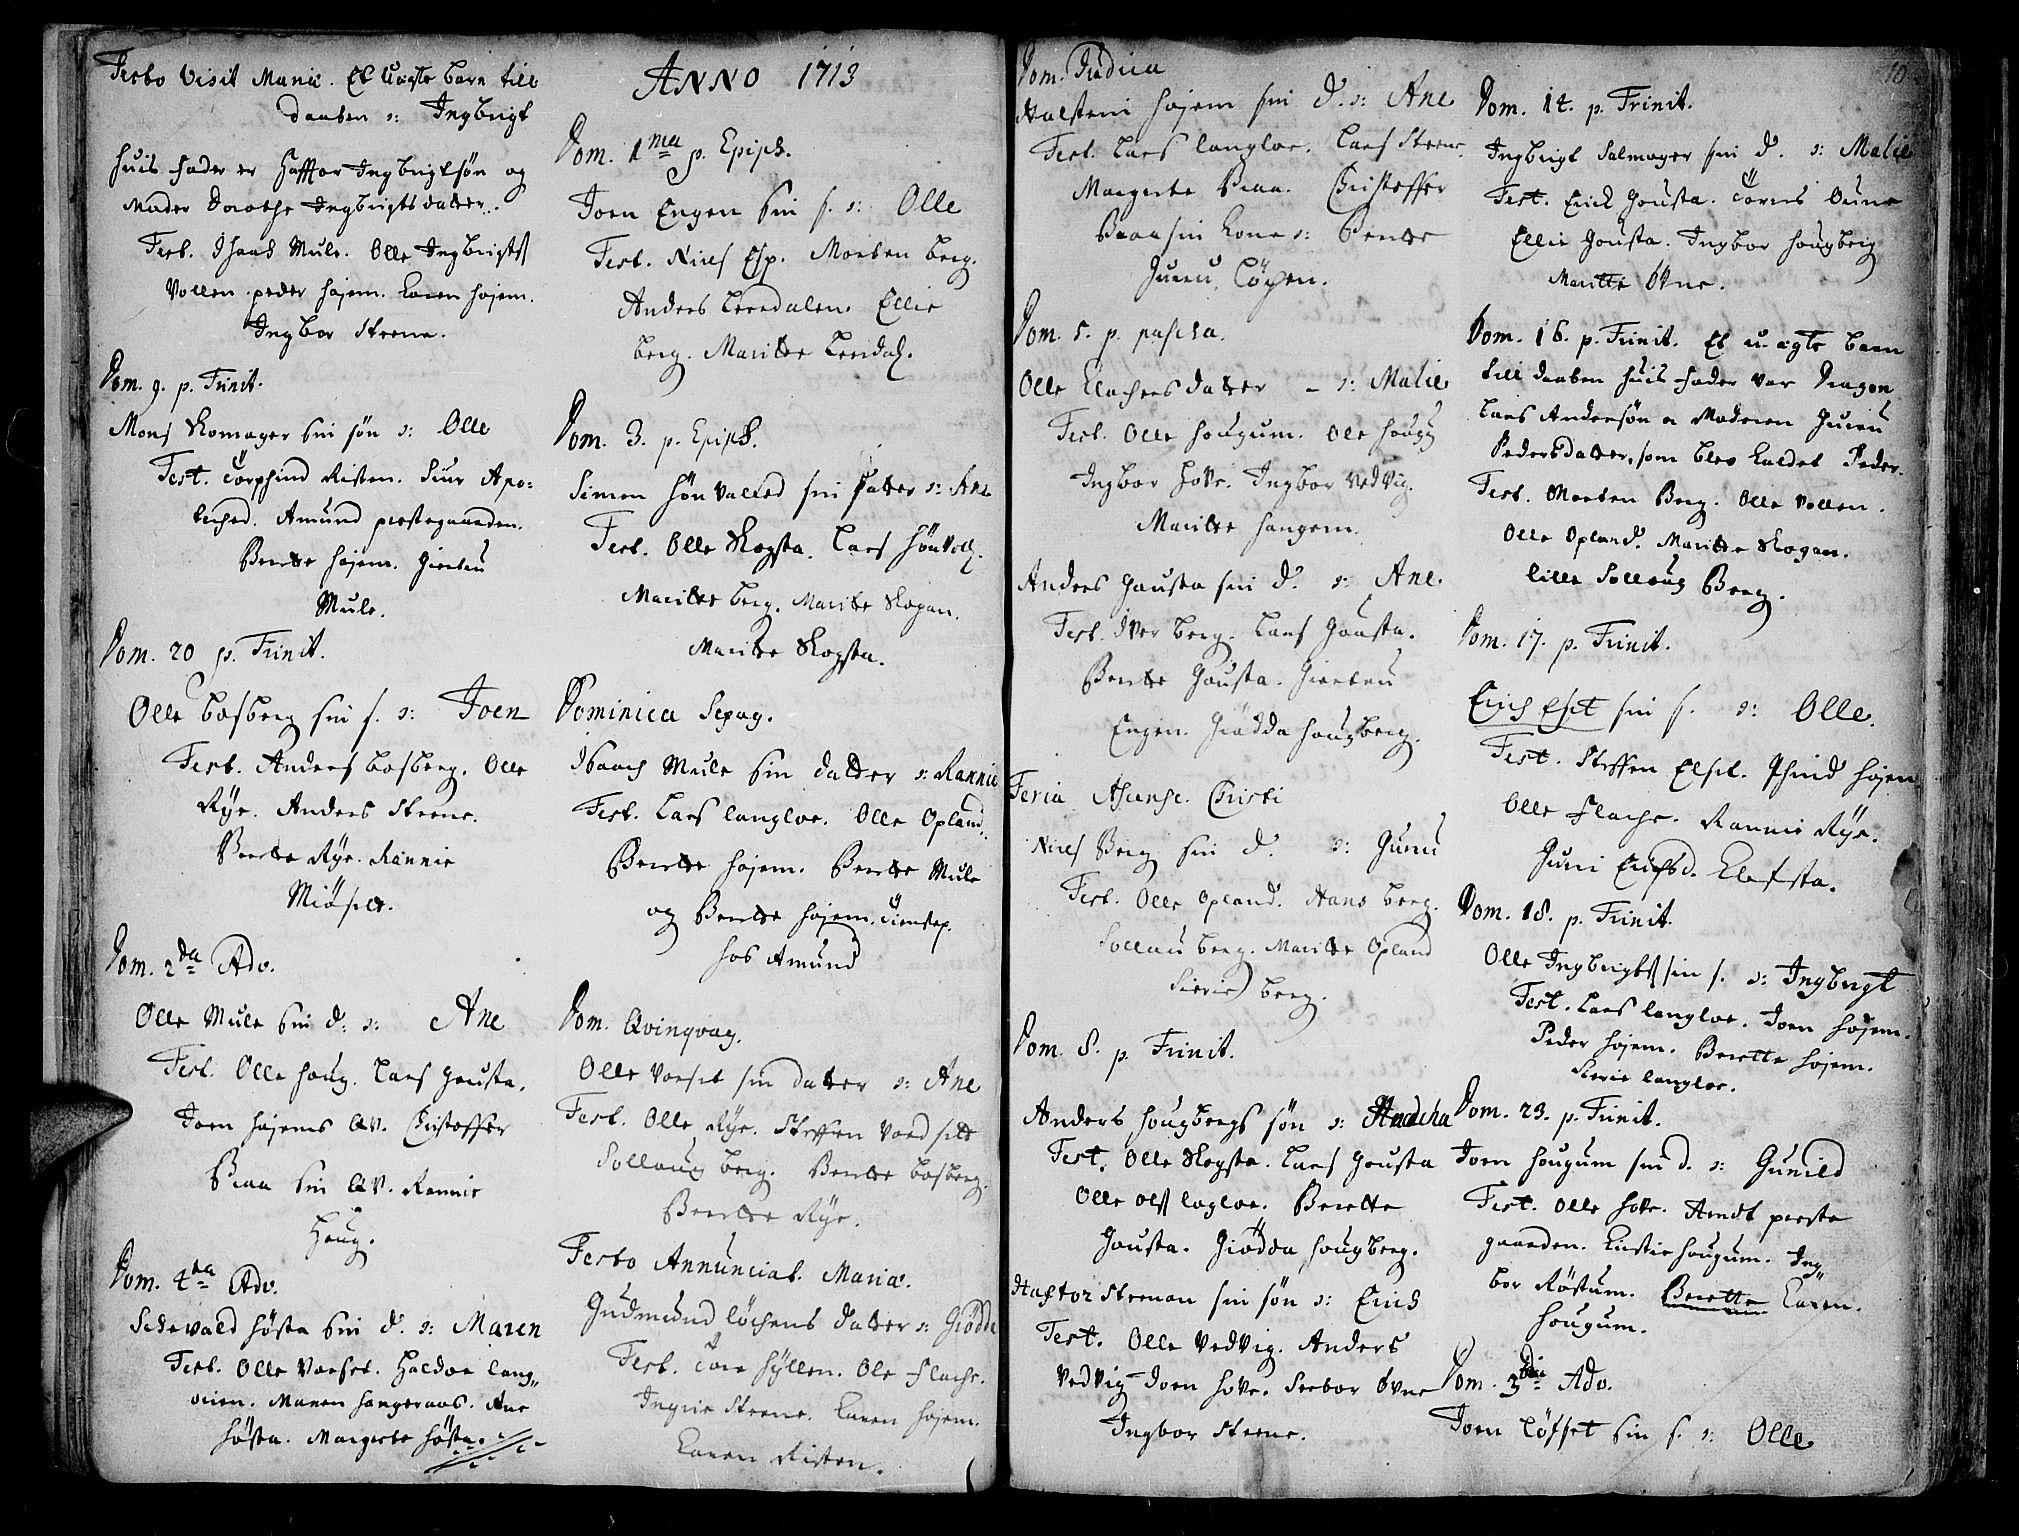 SAT, Ministerialprotokoller, klokkerbøker og fødselsregistre - Sør-Trøndelag, 612/L0368: Ministerialbok nr. 612A02, 1702-1753, s. 10